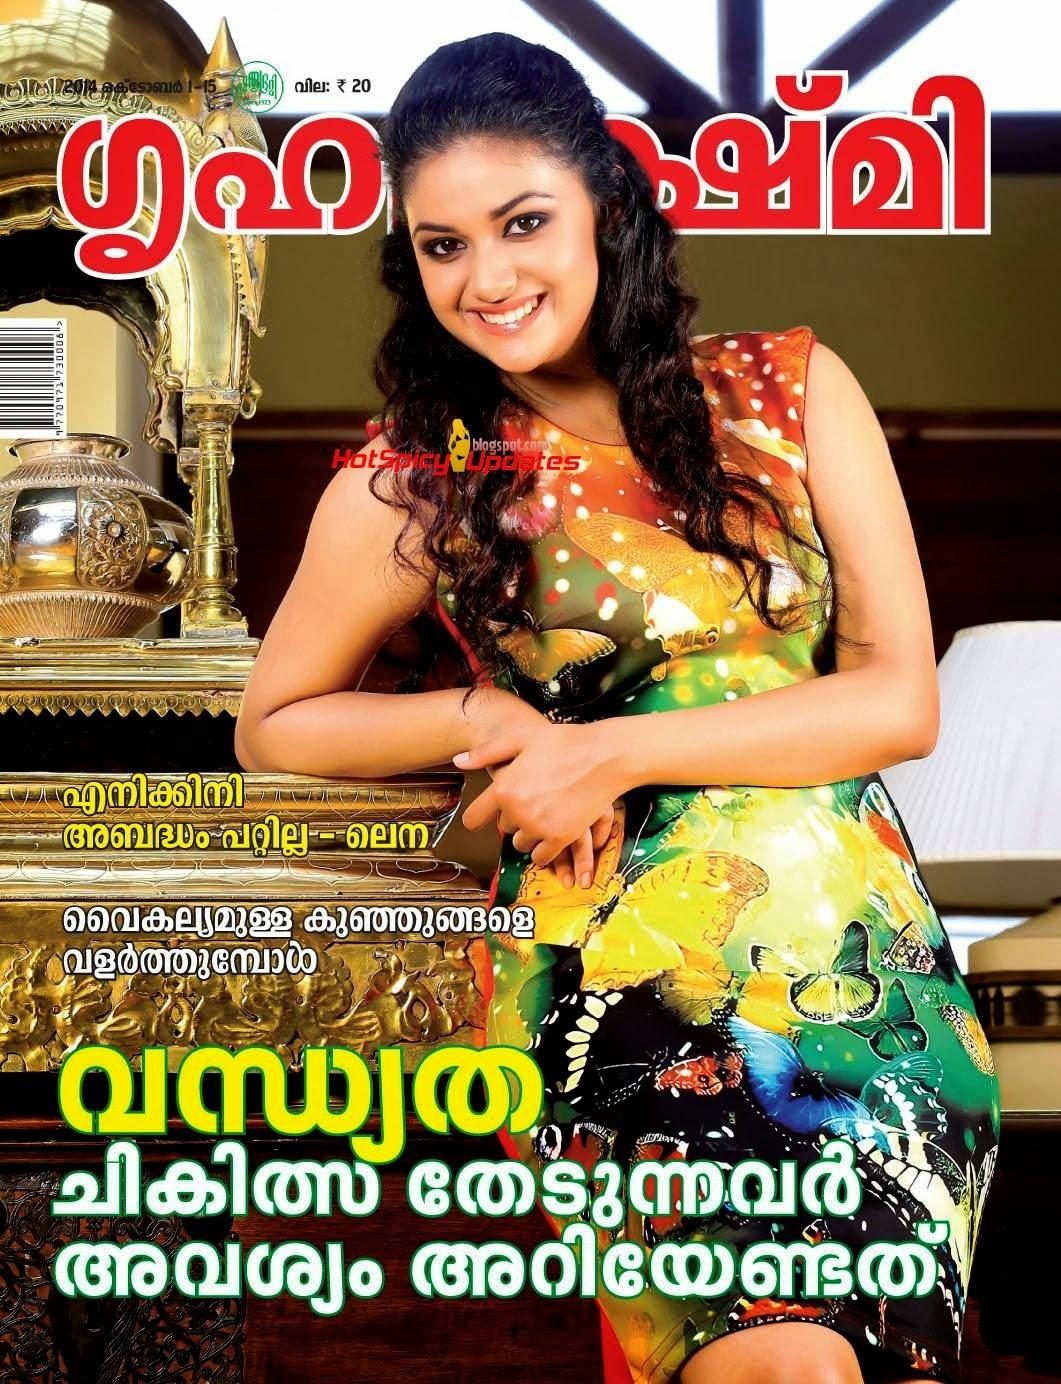 Keerthy Suresh Navel Keerthi Suresh on The Cover